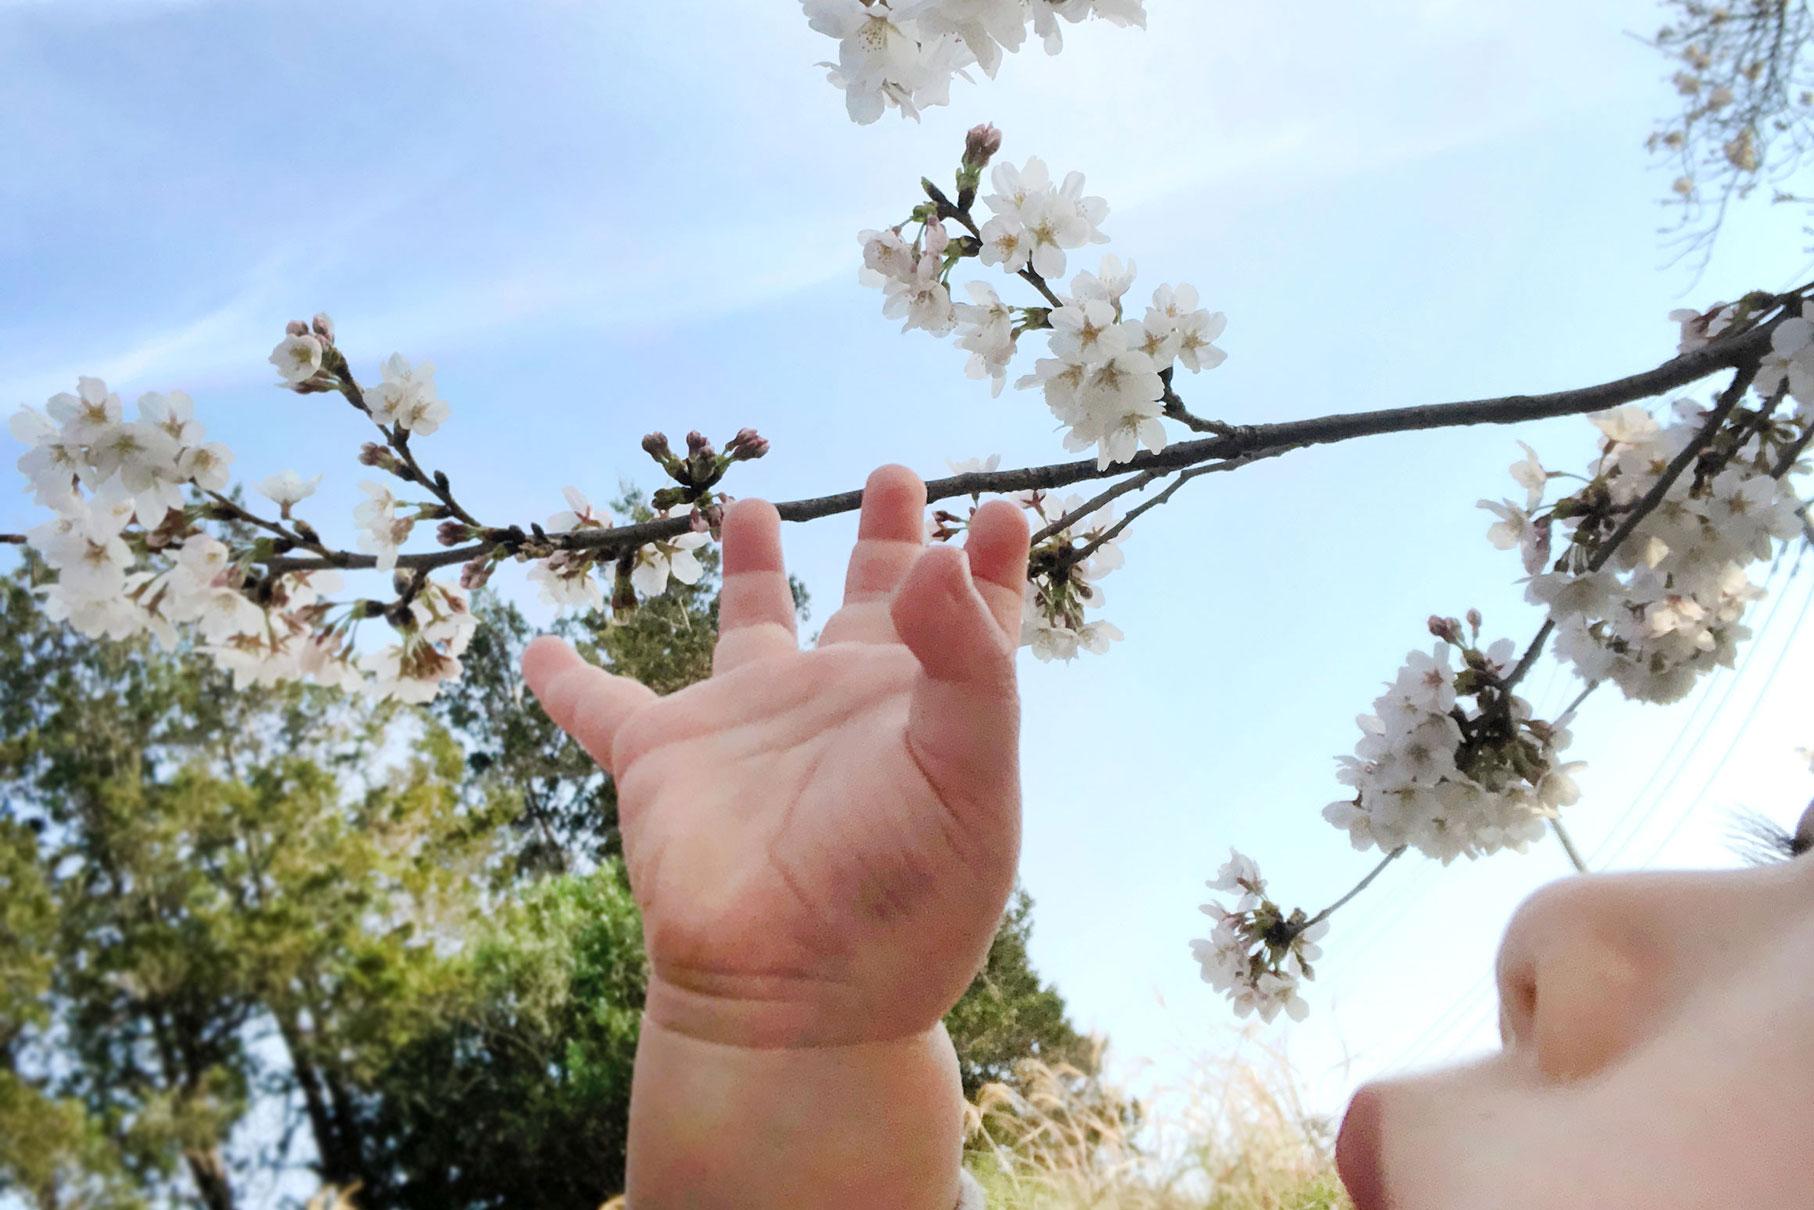 桜をみると思い出すこと